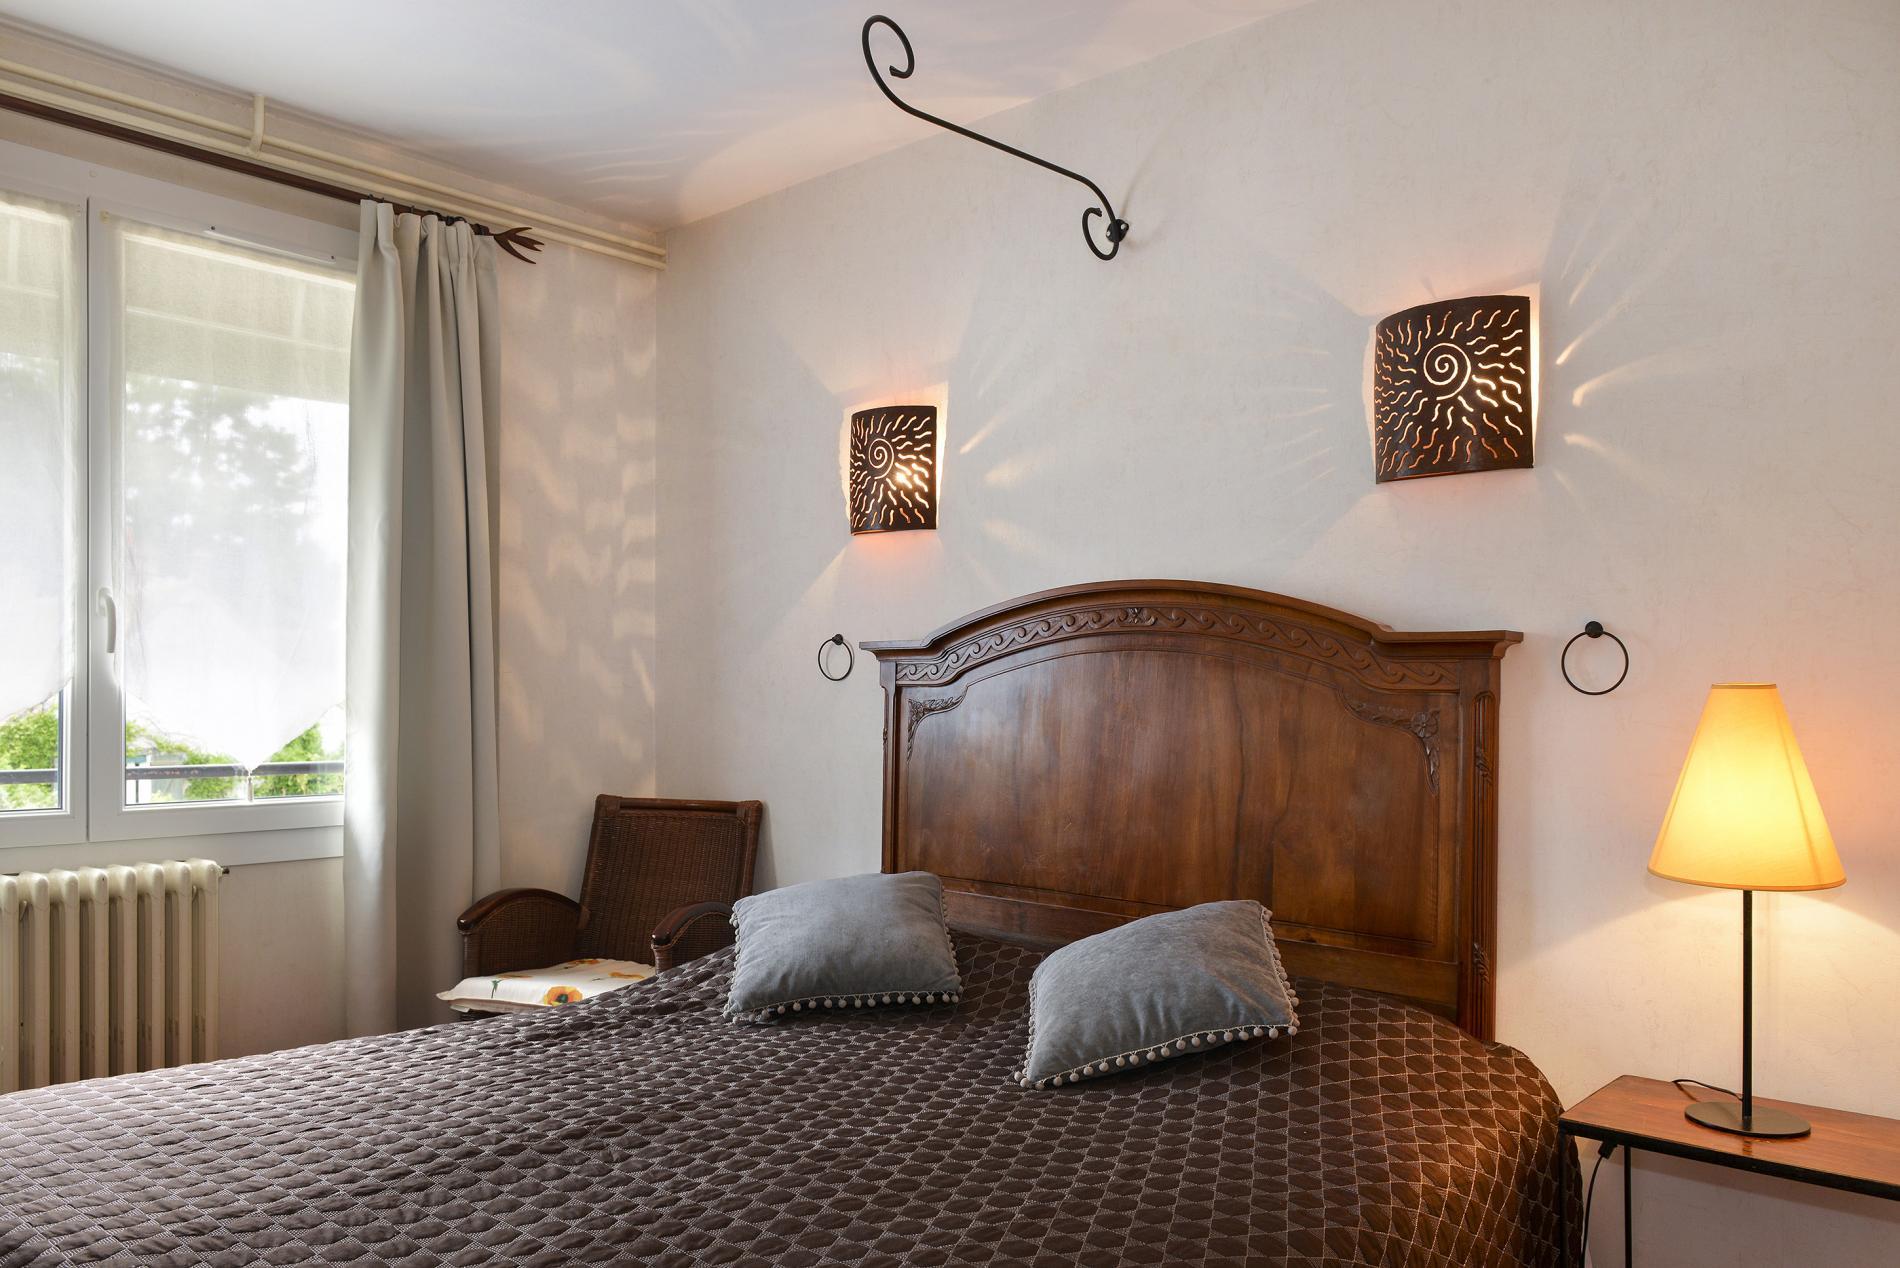 Chambres Hébergement de caractère à l\'Hôtel Saint-Cyr sur la Loire